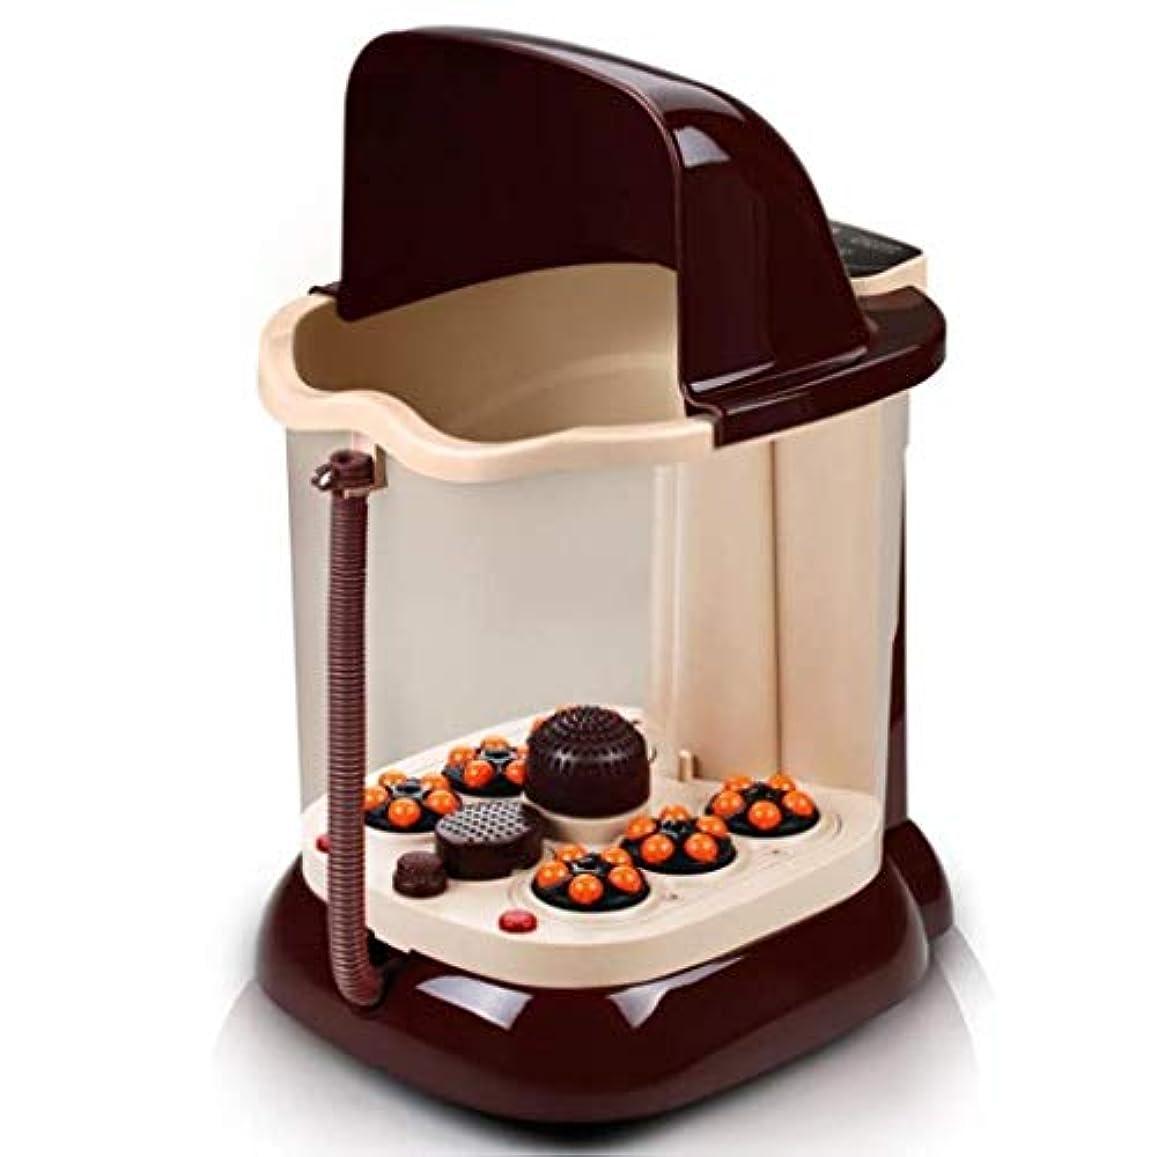 買うまだクラウンフットマッサージャー、電動フォームベイスン、加熱フットマッサージおよびマッサージャー、マッサージマシンは、石を回転させて循環を促進できます